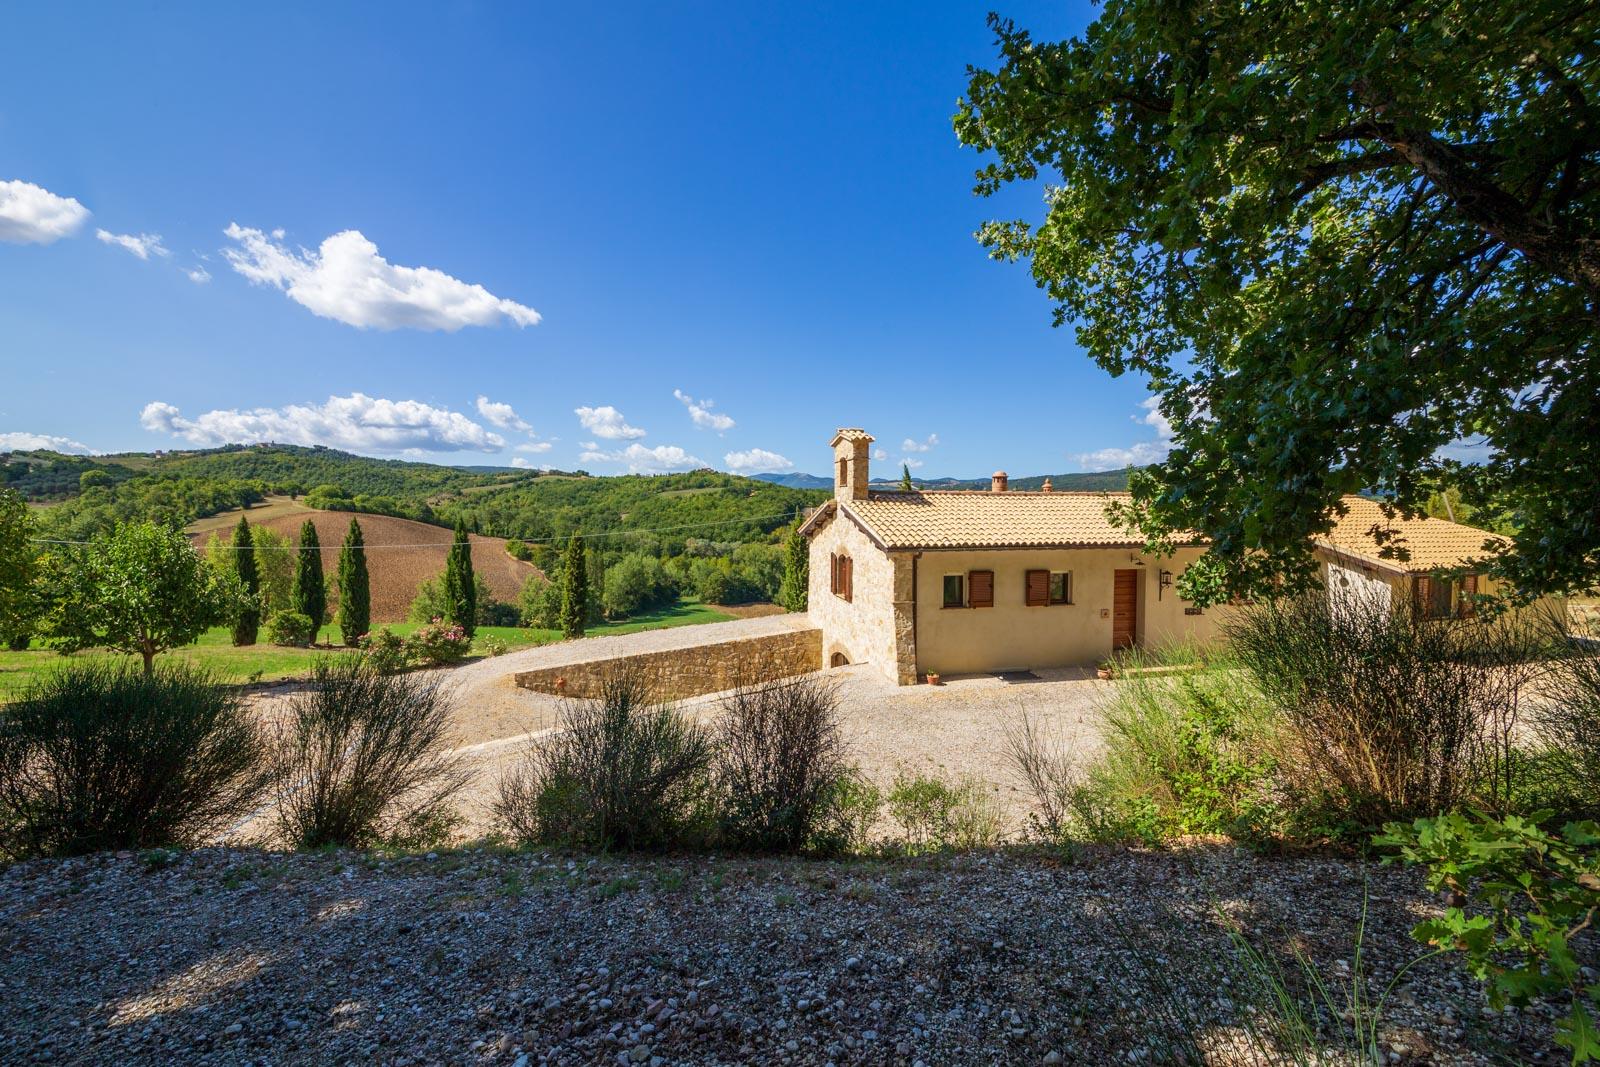 Einzigartiges Anwesen in den Hügeln um Todi mit herrlichem Panoramablick auf die italienische Landschaft